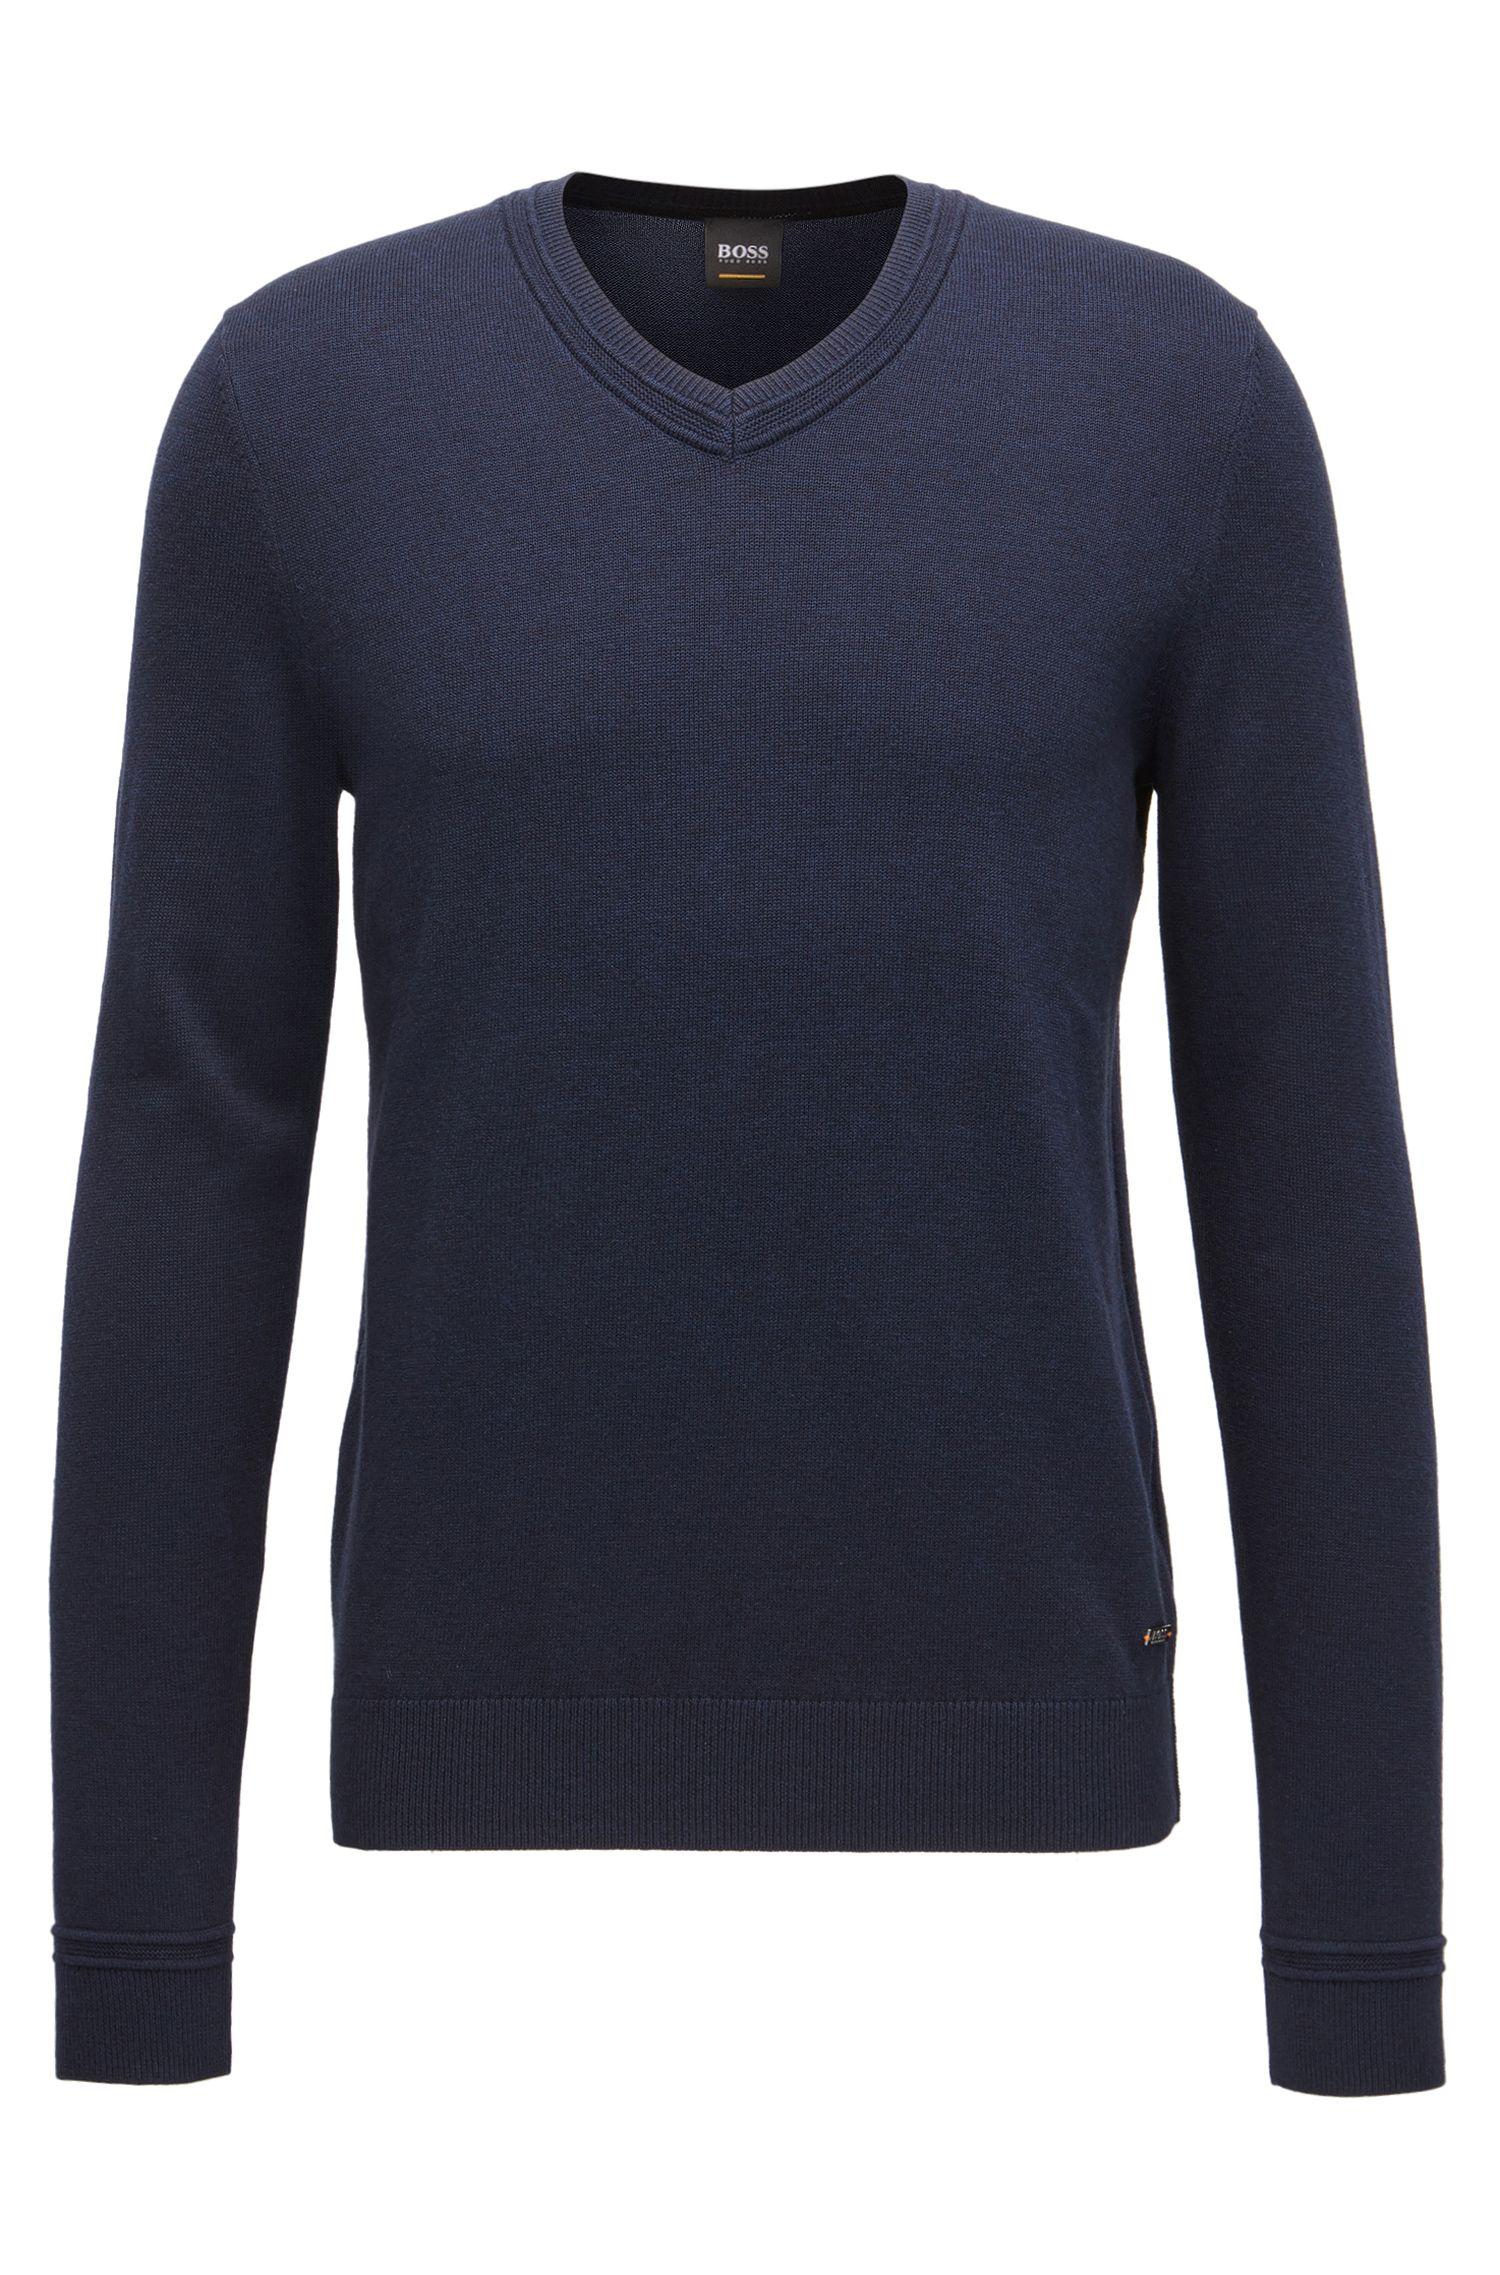 Pullover aus einem Baumwoll-Mix mit Kaschmir mit V-Ausschnitt und Struktur-Details